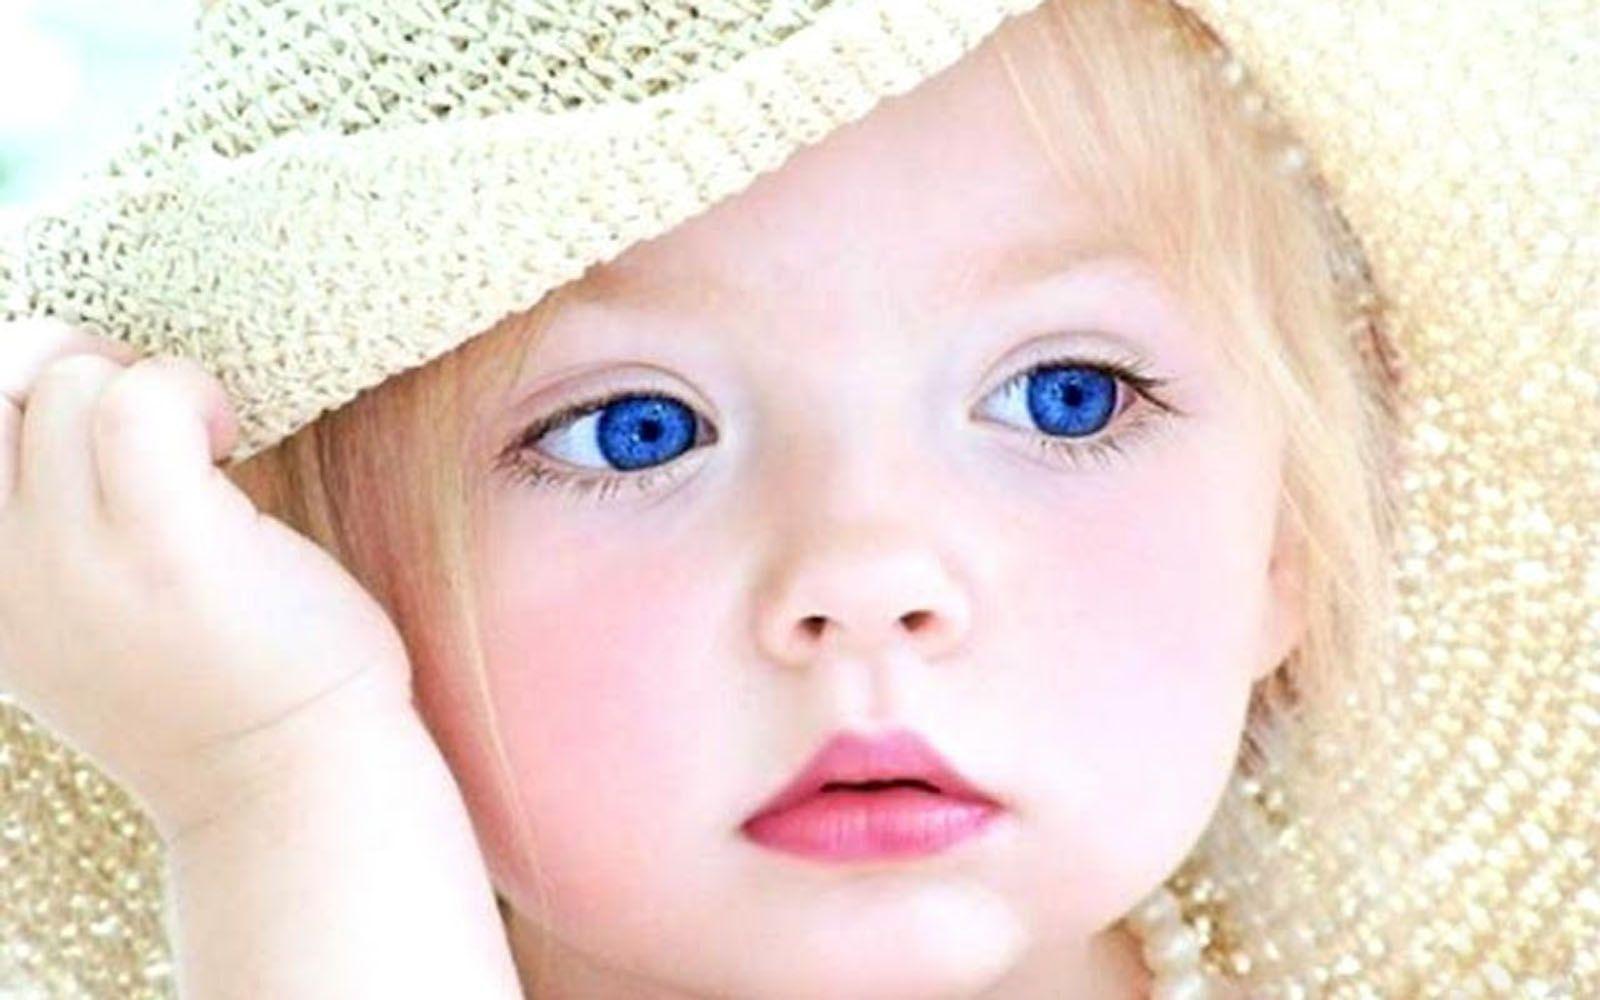 Download babies picture kleo. Wagenaardentistry. Com.